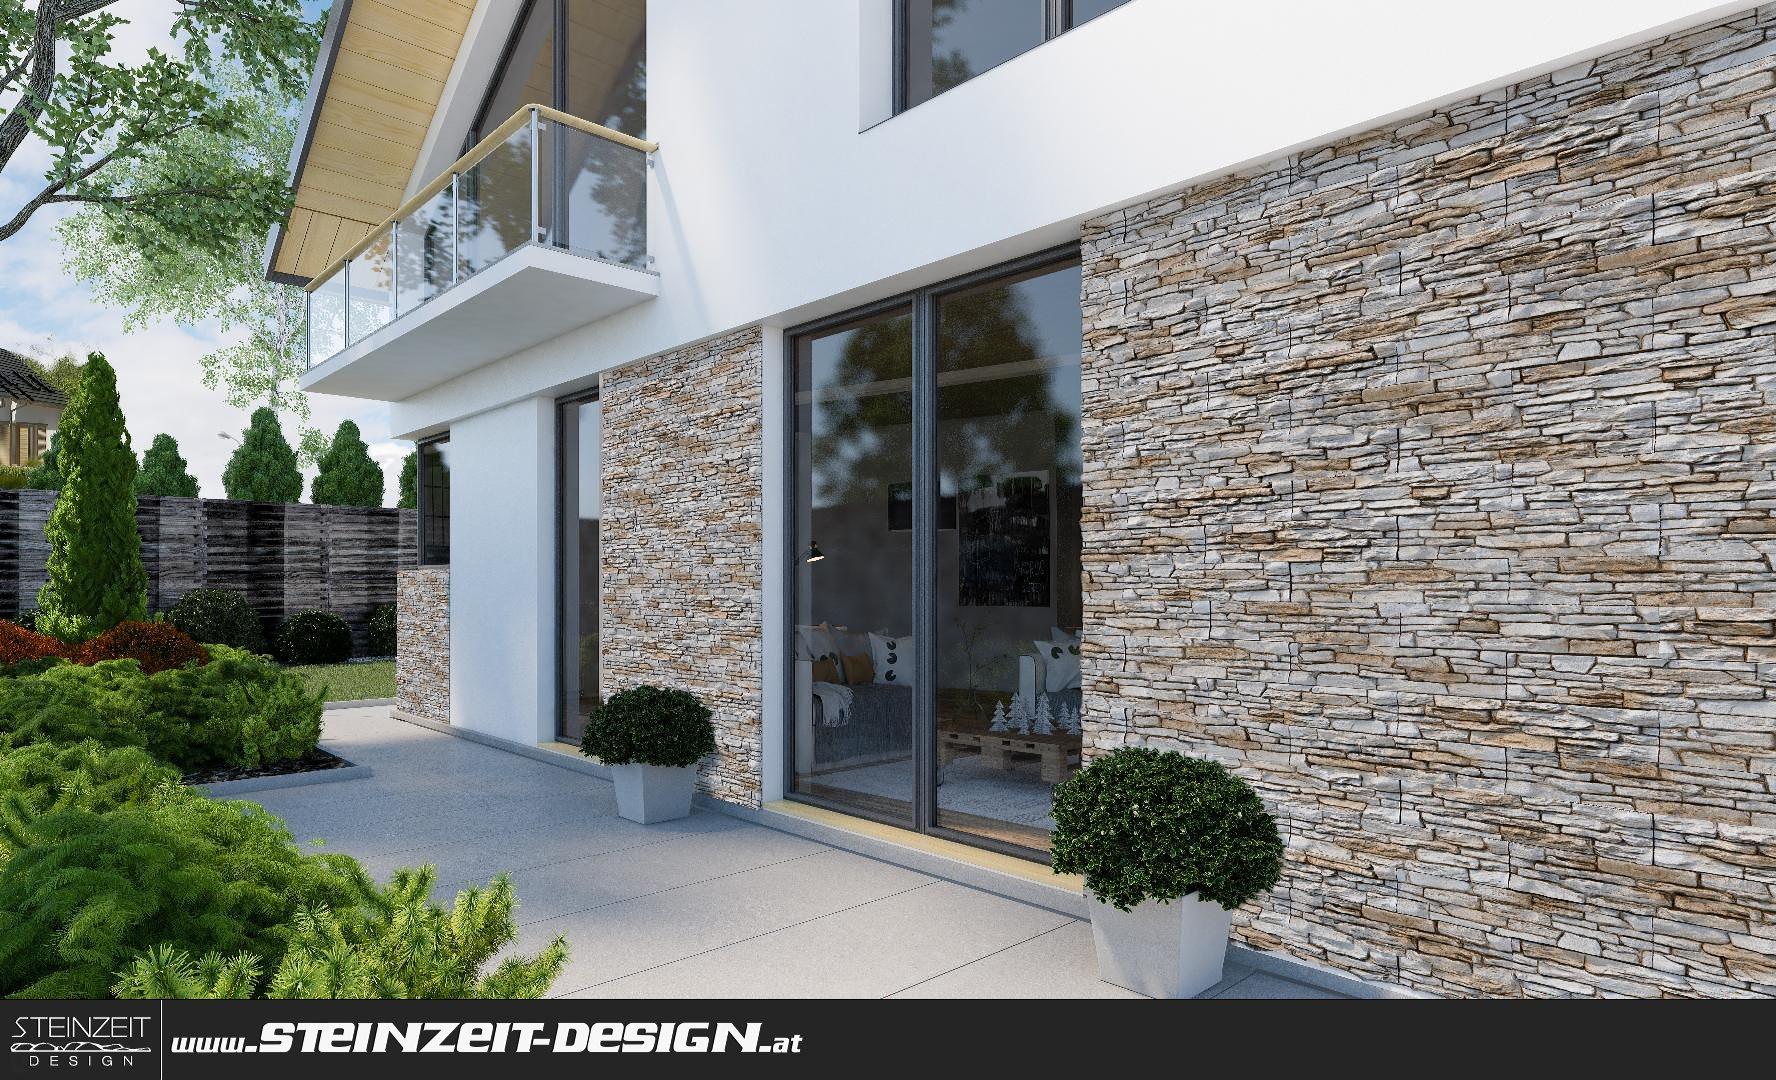 naturstein riemchen innen elegant zonierung des wohnraums durch einen mit schiefer bekleideten. Black Bedroom Furniture Sets. Home Design Ideas